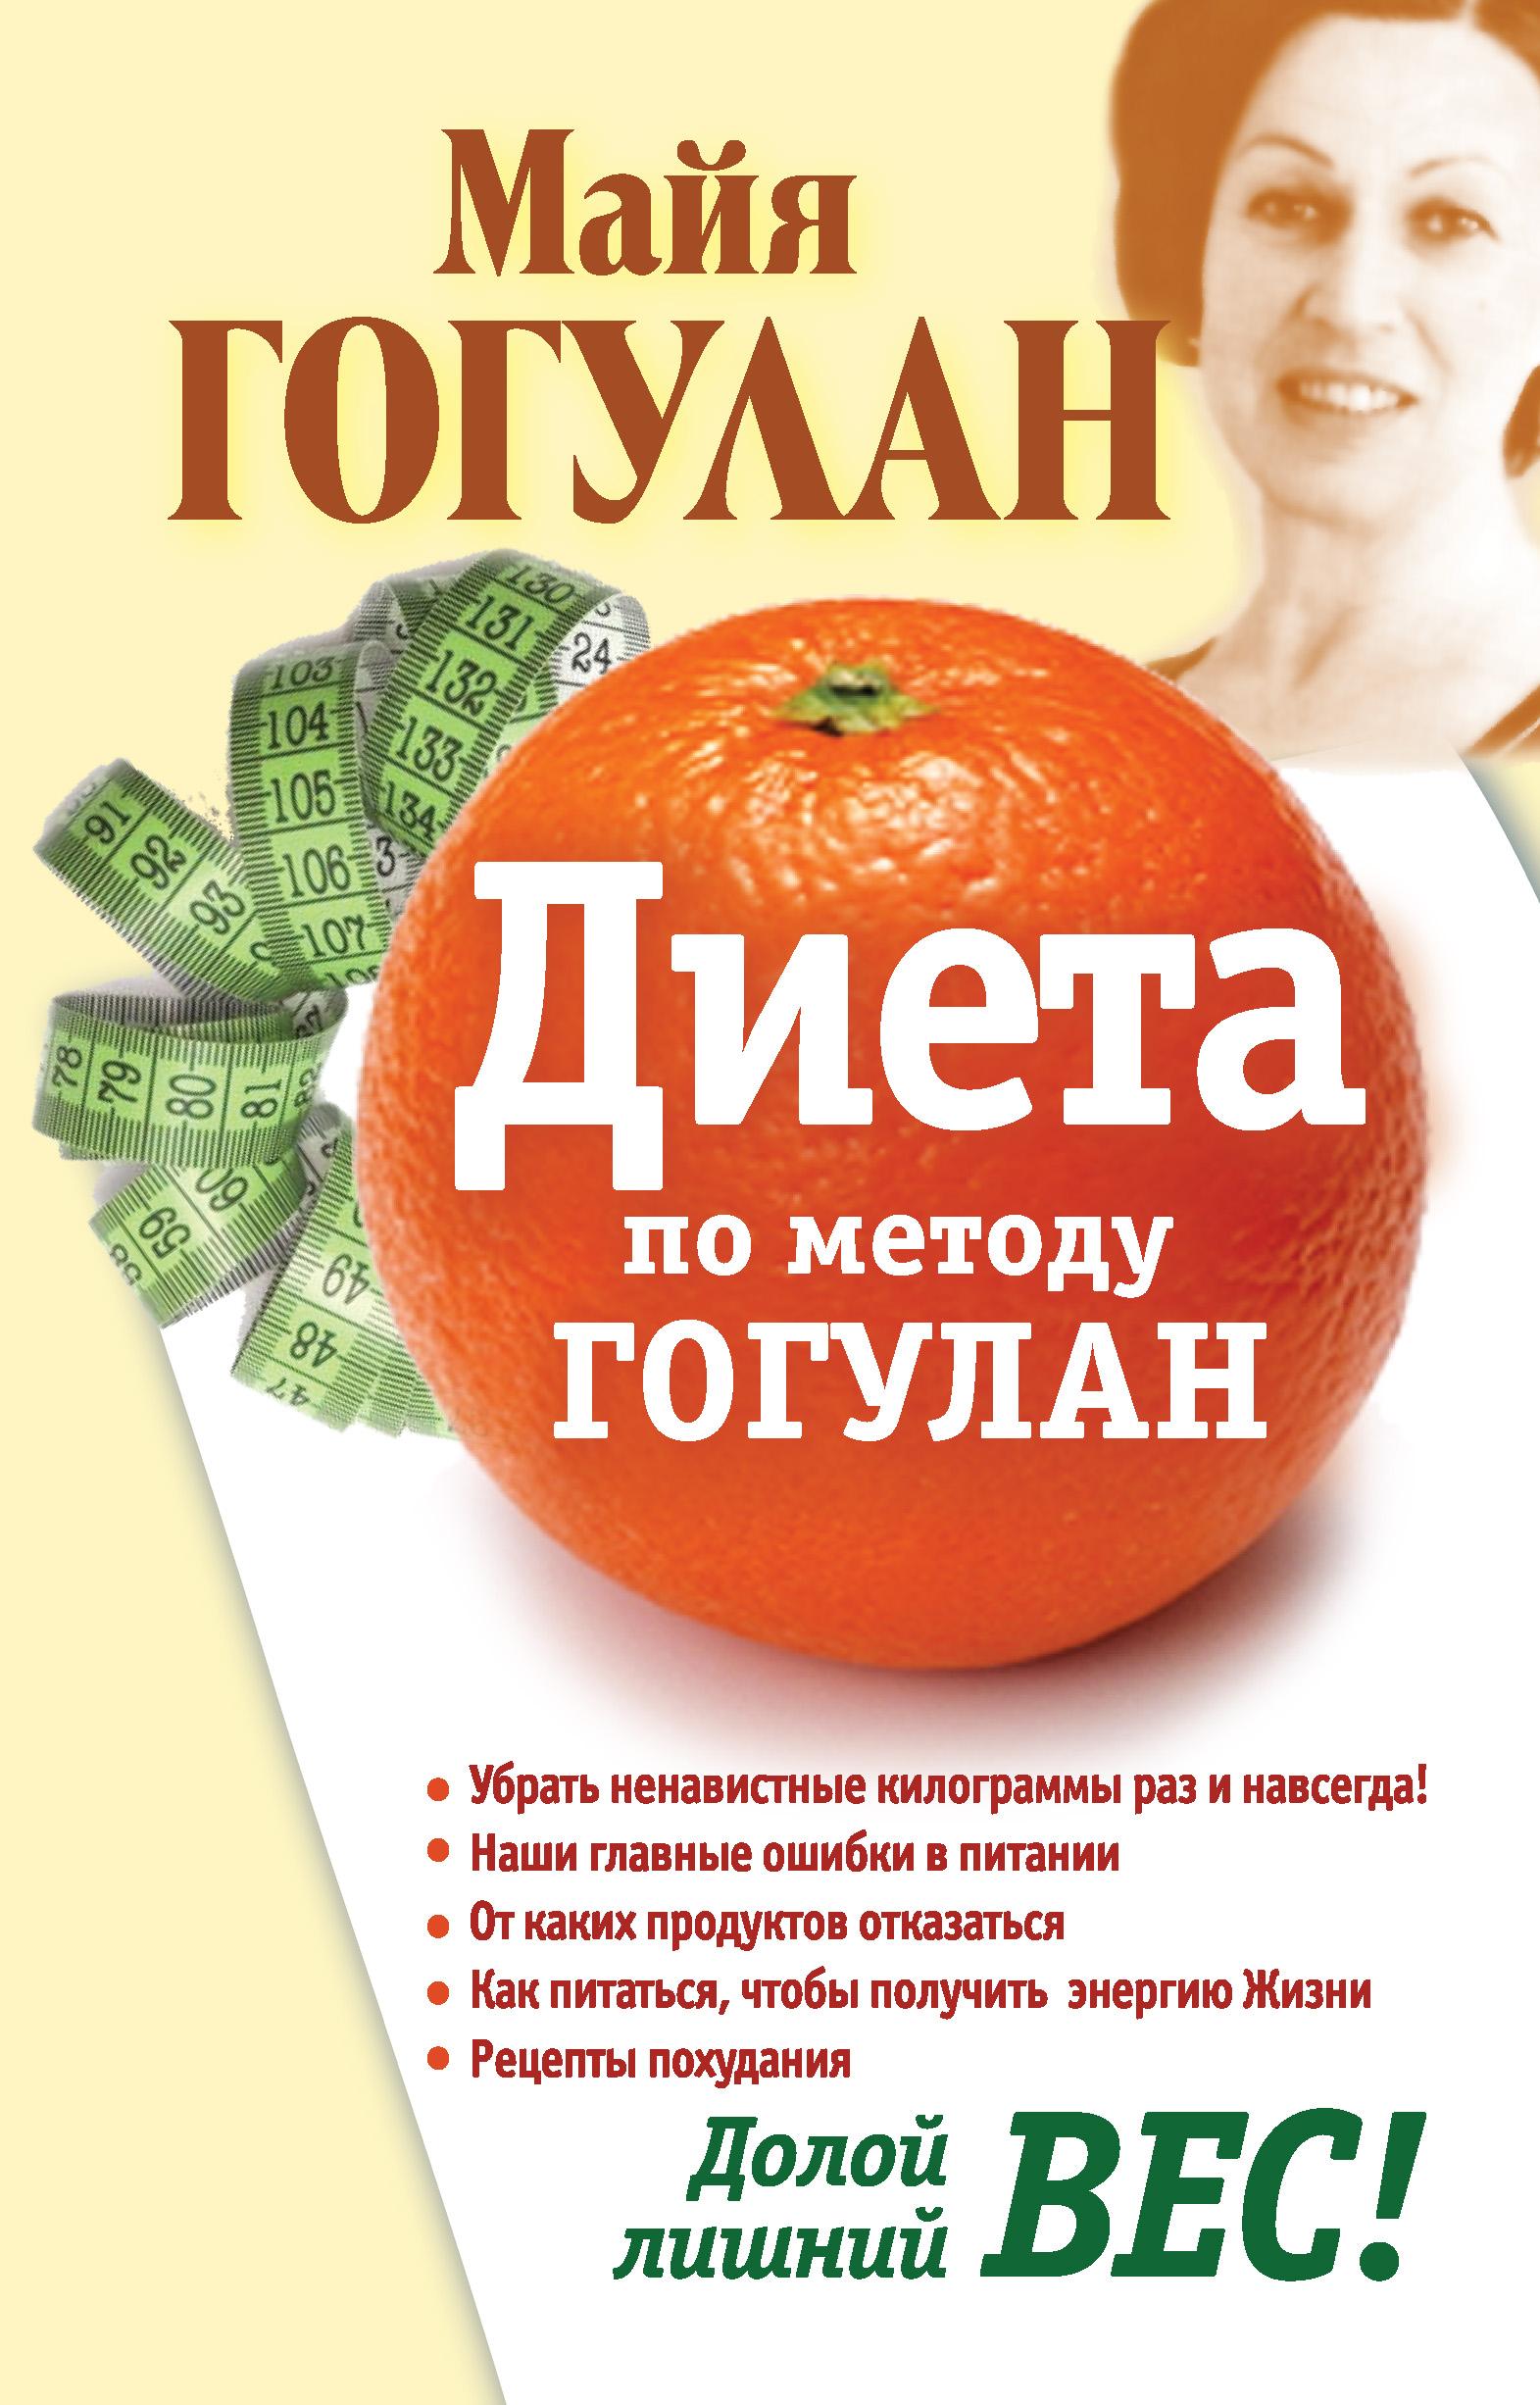 Учиться у врагов — публикации и статьи журнала story.